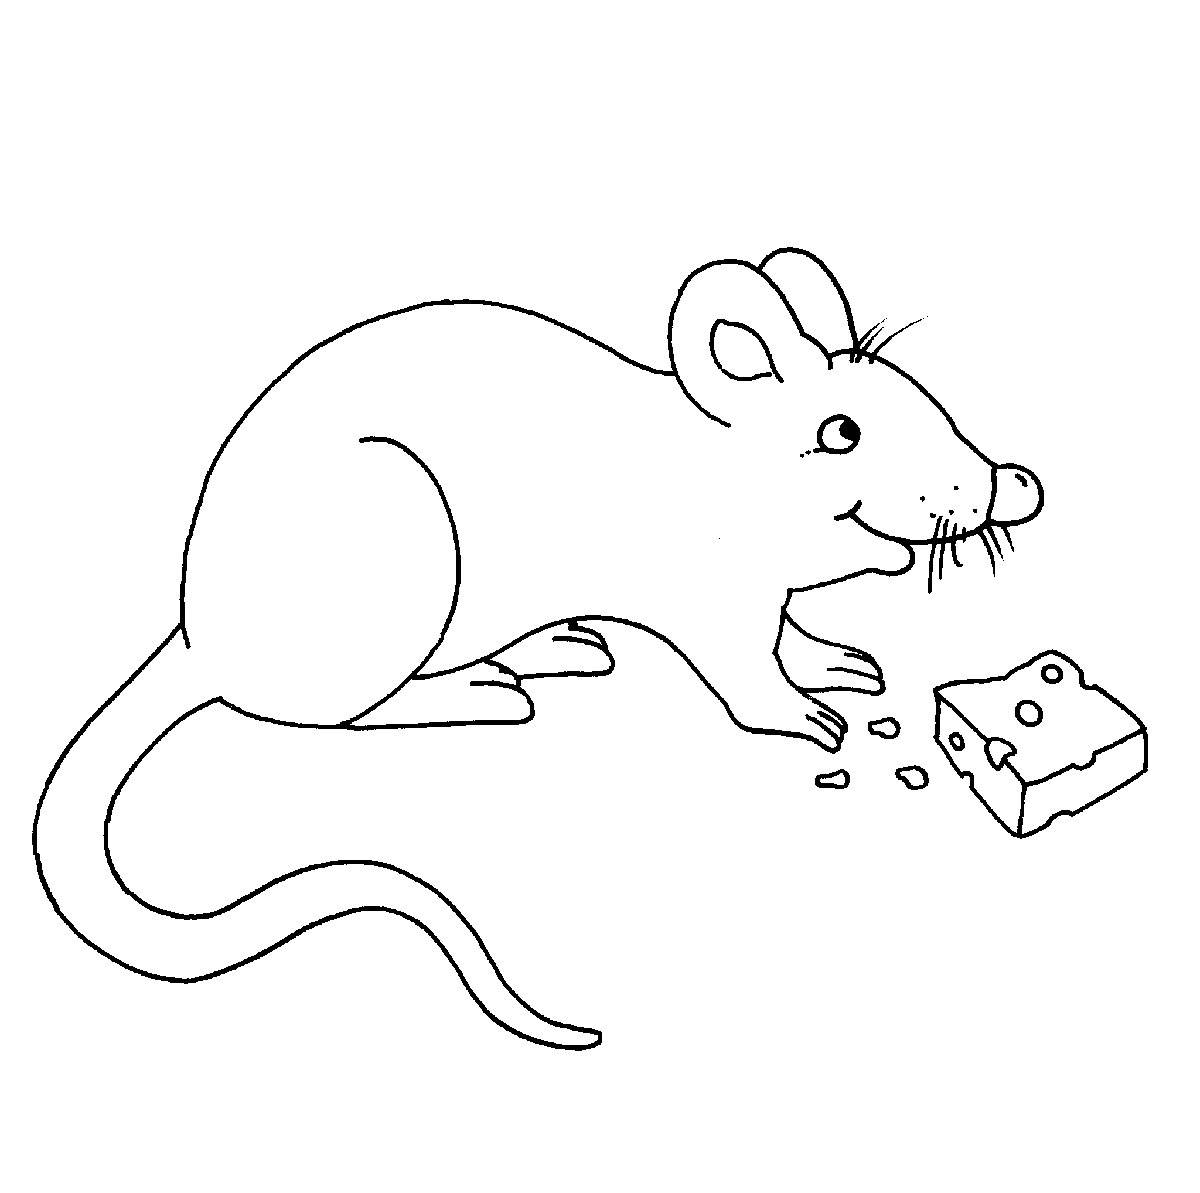 Ausmalbild Bauernhof: Maus mit Käse kostenlos ausdrucken